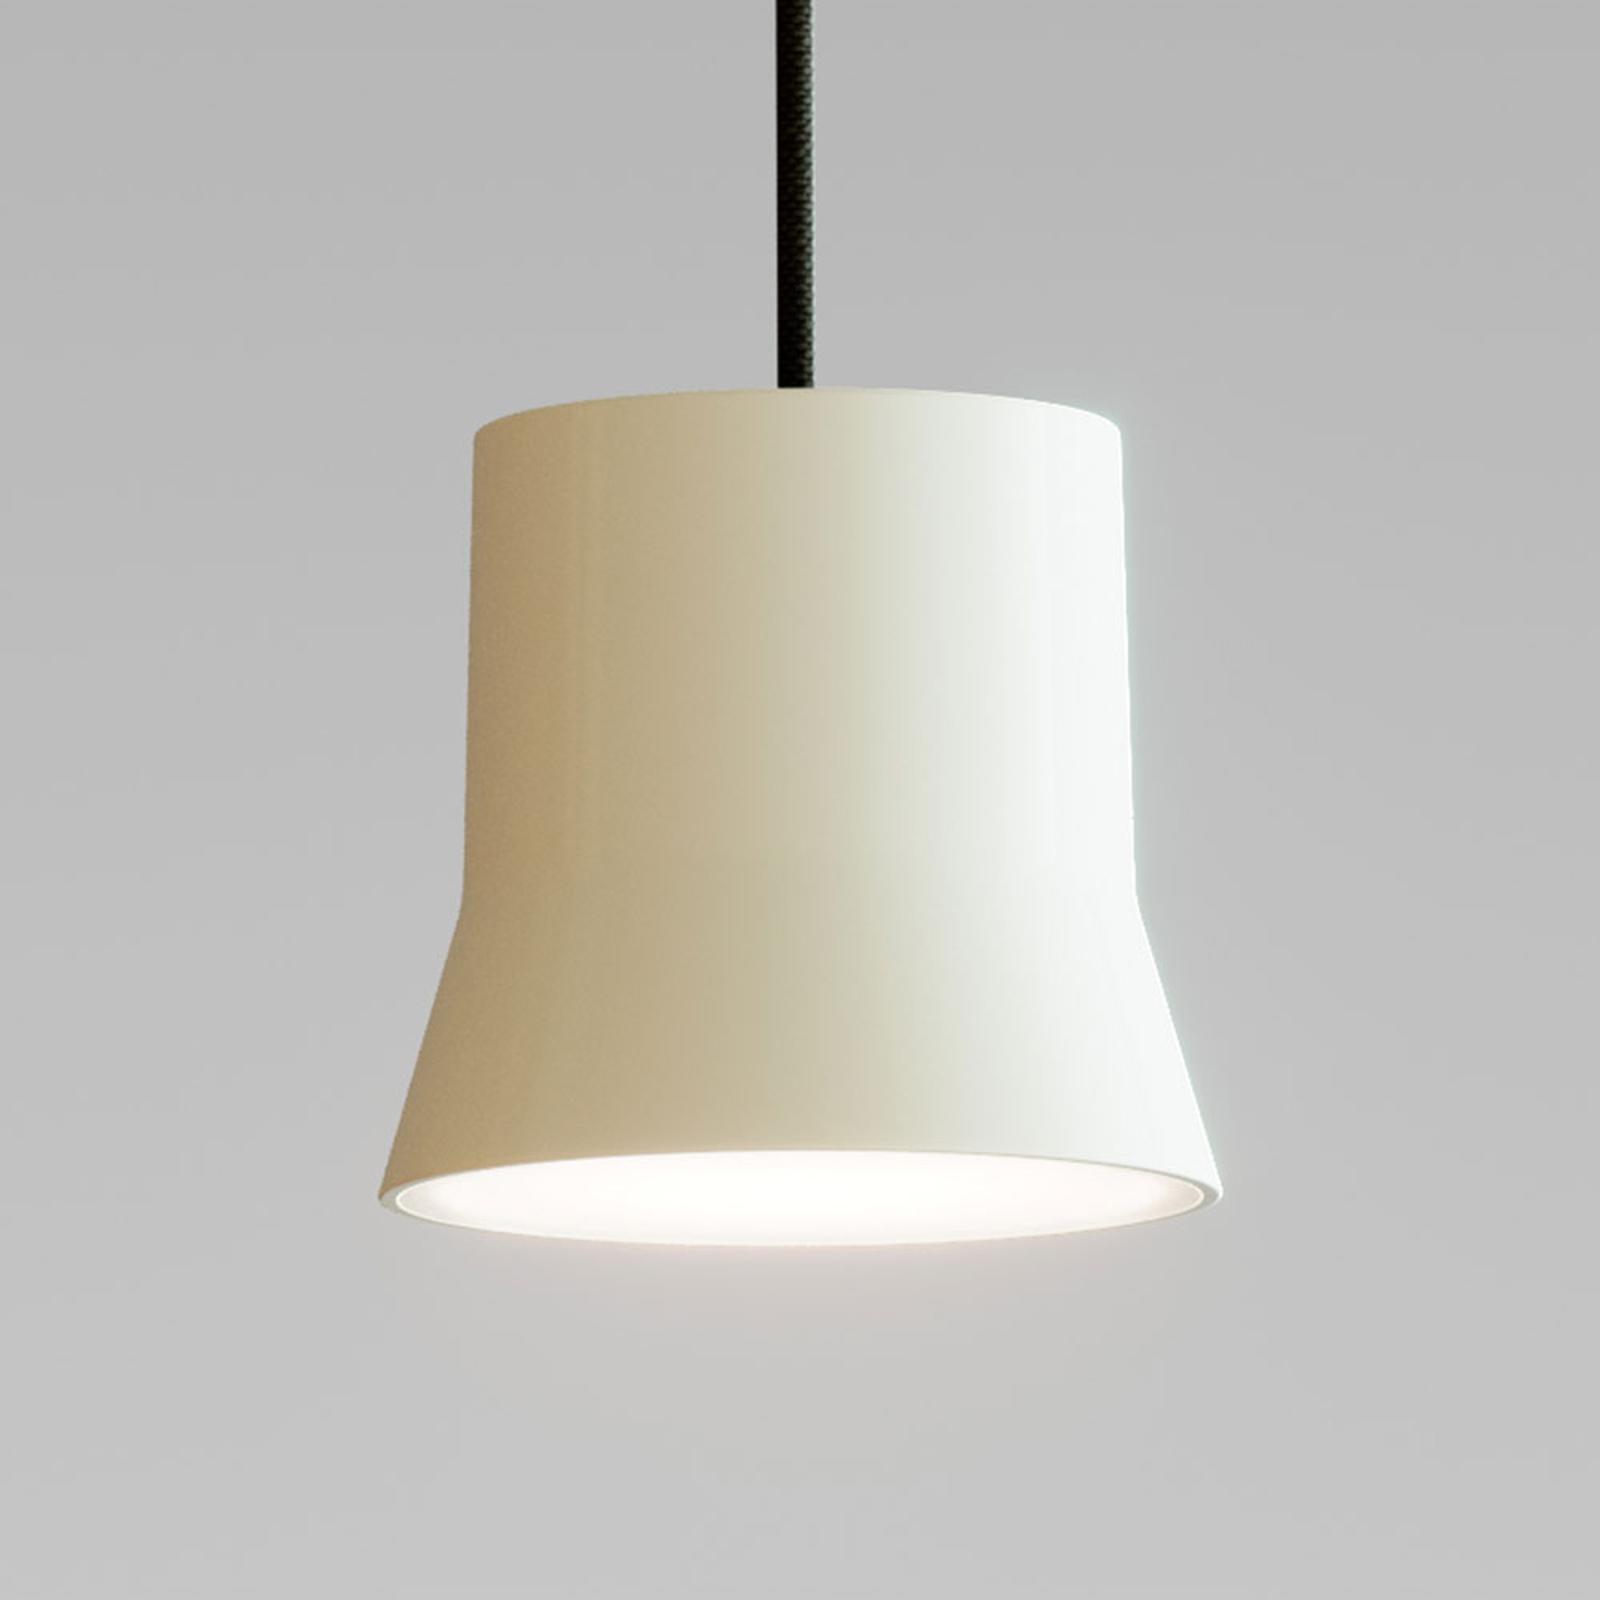 Artemide GIO.light LED-Hängeleuchte, weiß